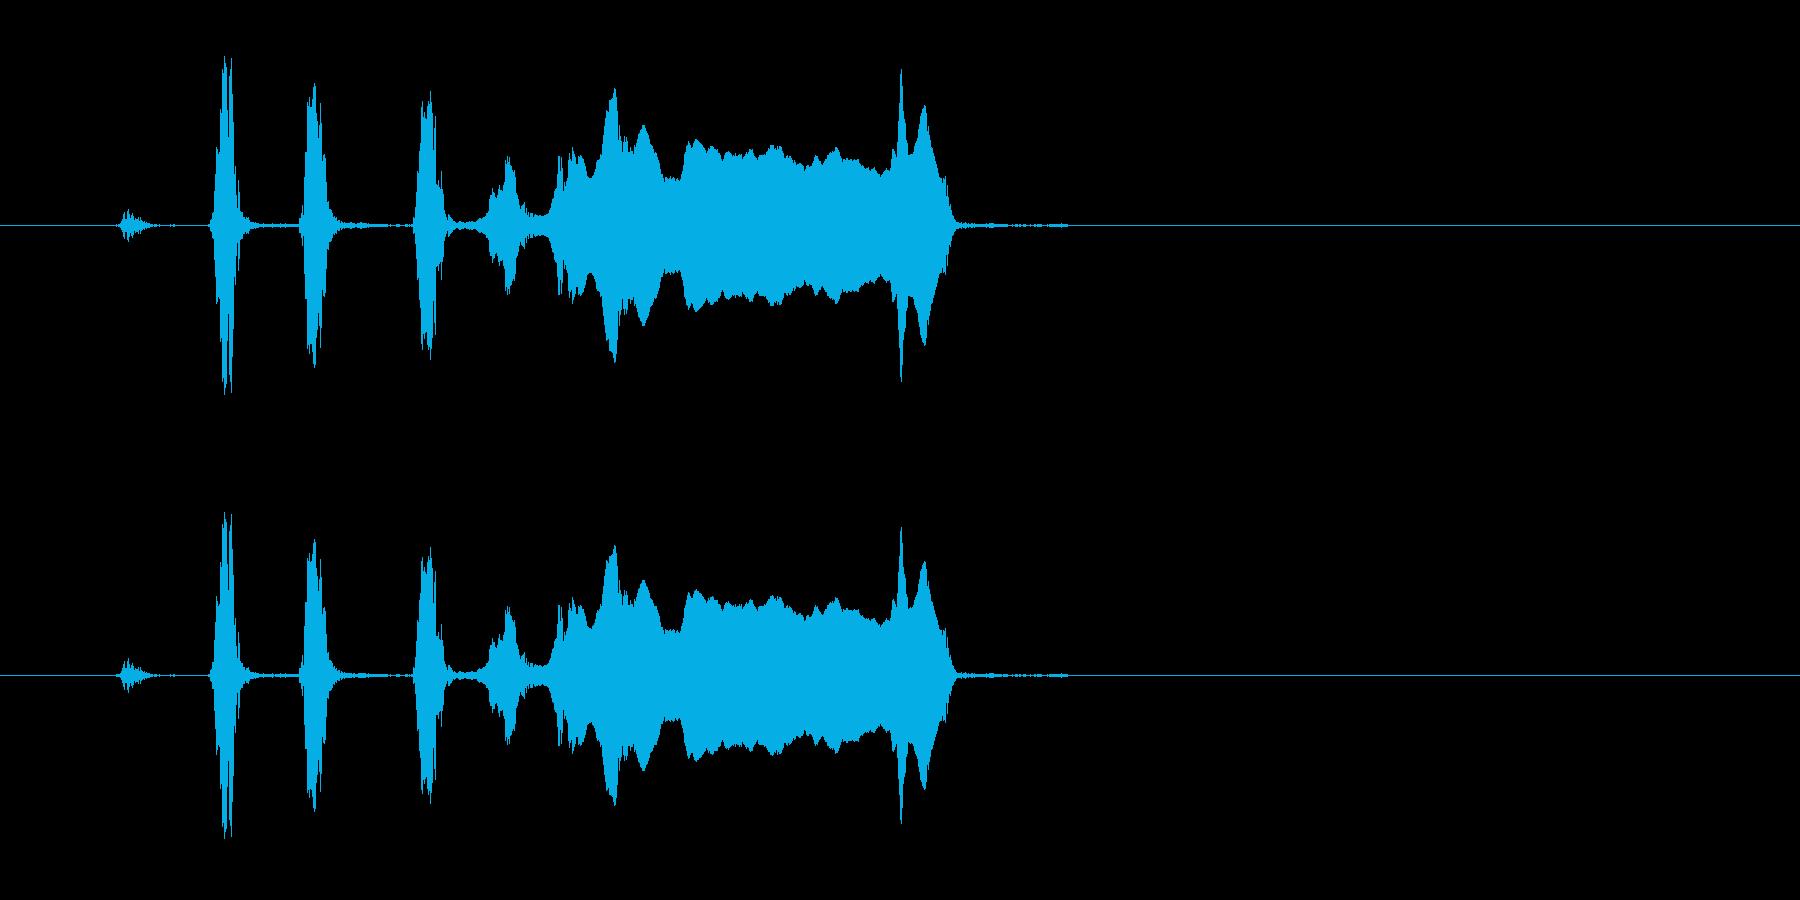 コヨーテハウル。 2つの短いYel...の再生済みの波形